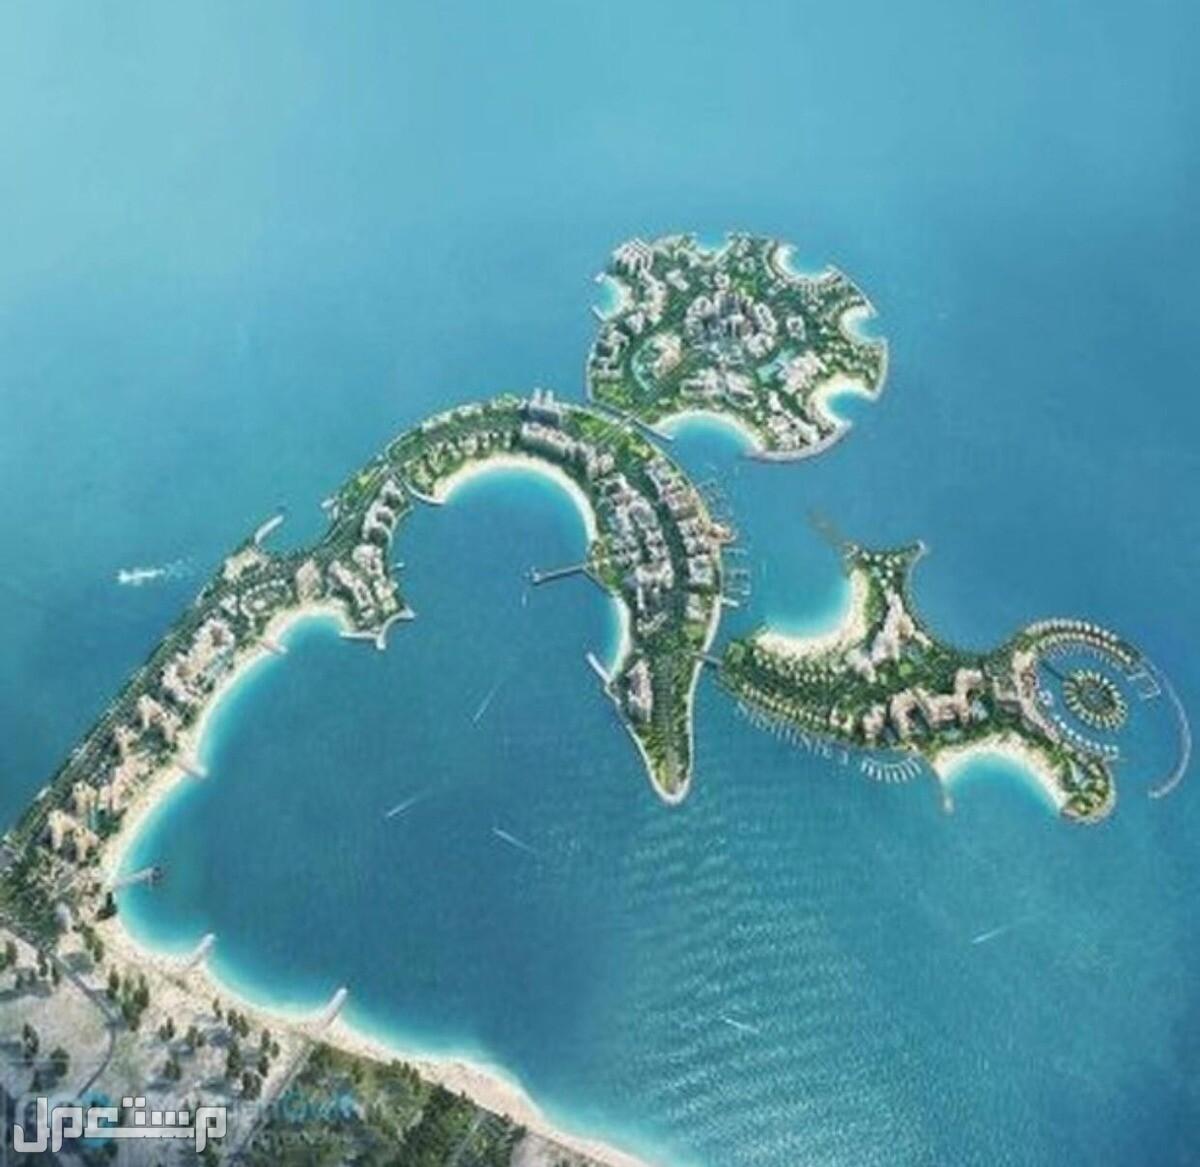 تملك على البحر مباشرة باقساط تصل الى 10 سنوات بدون فوائد او بنوك مسقط لجزيرة المرجان